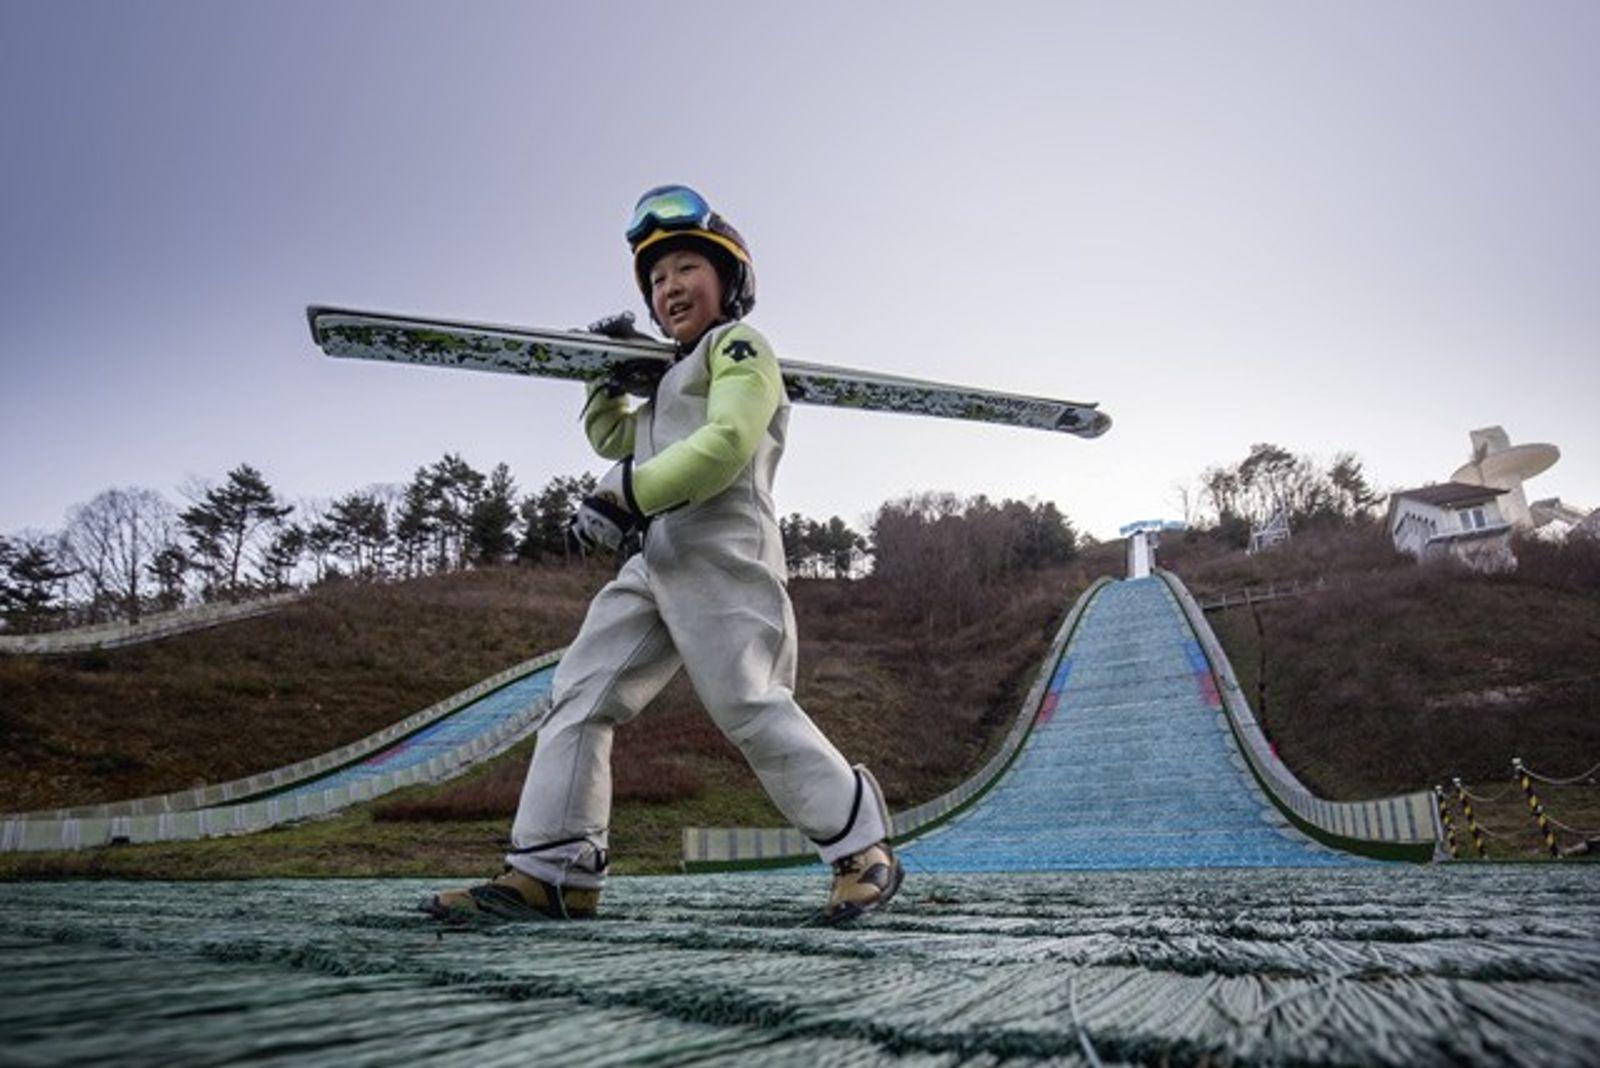 Korea: On piste in Pyeongchang